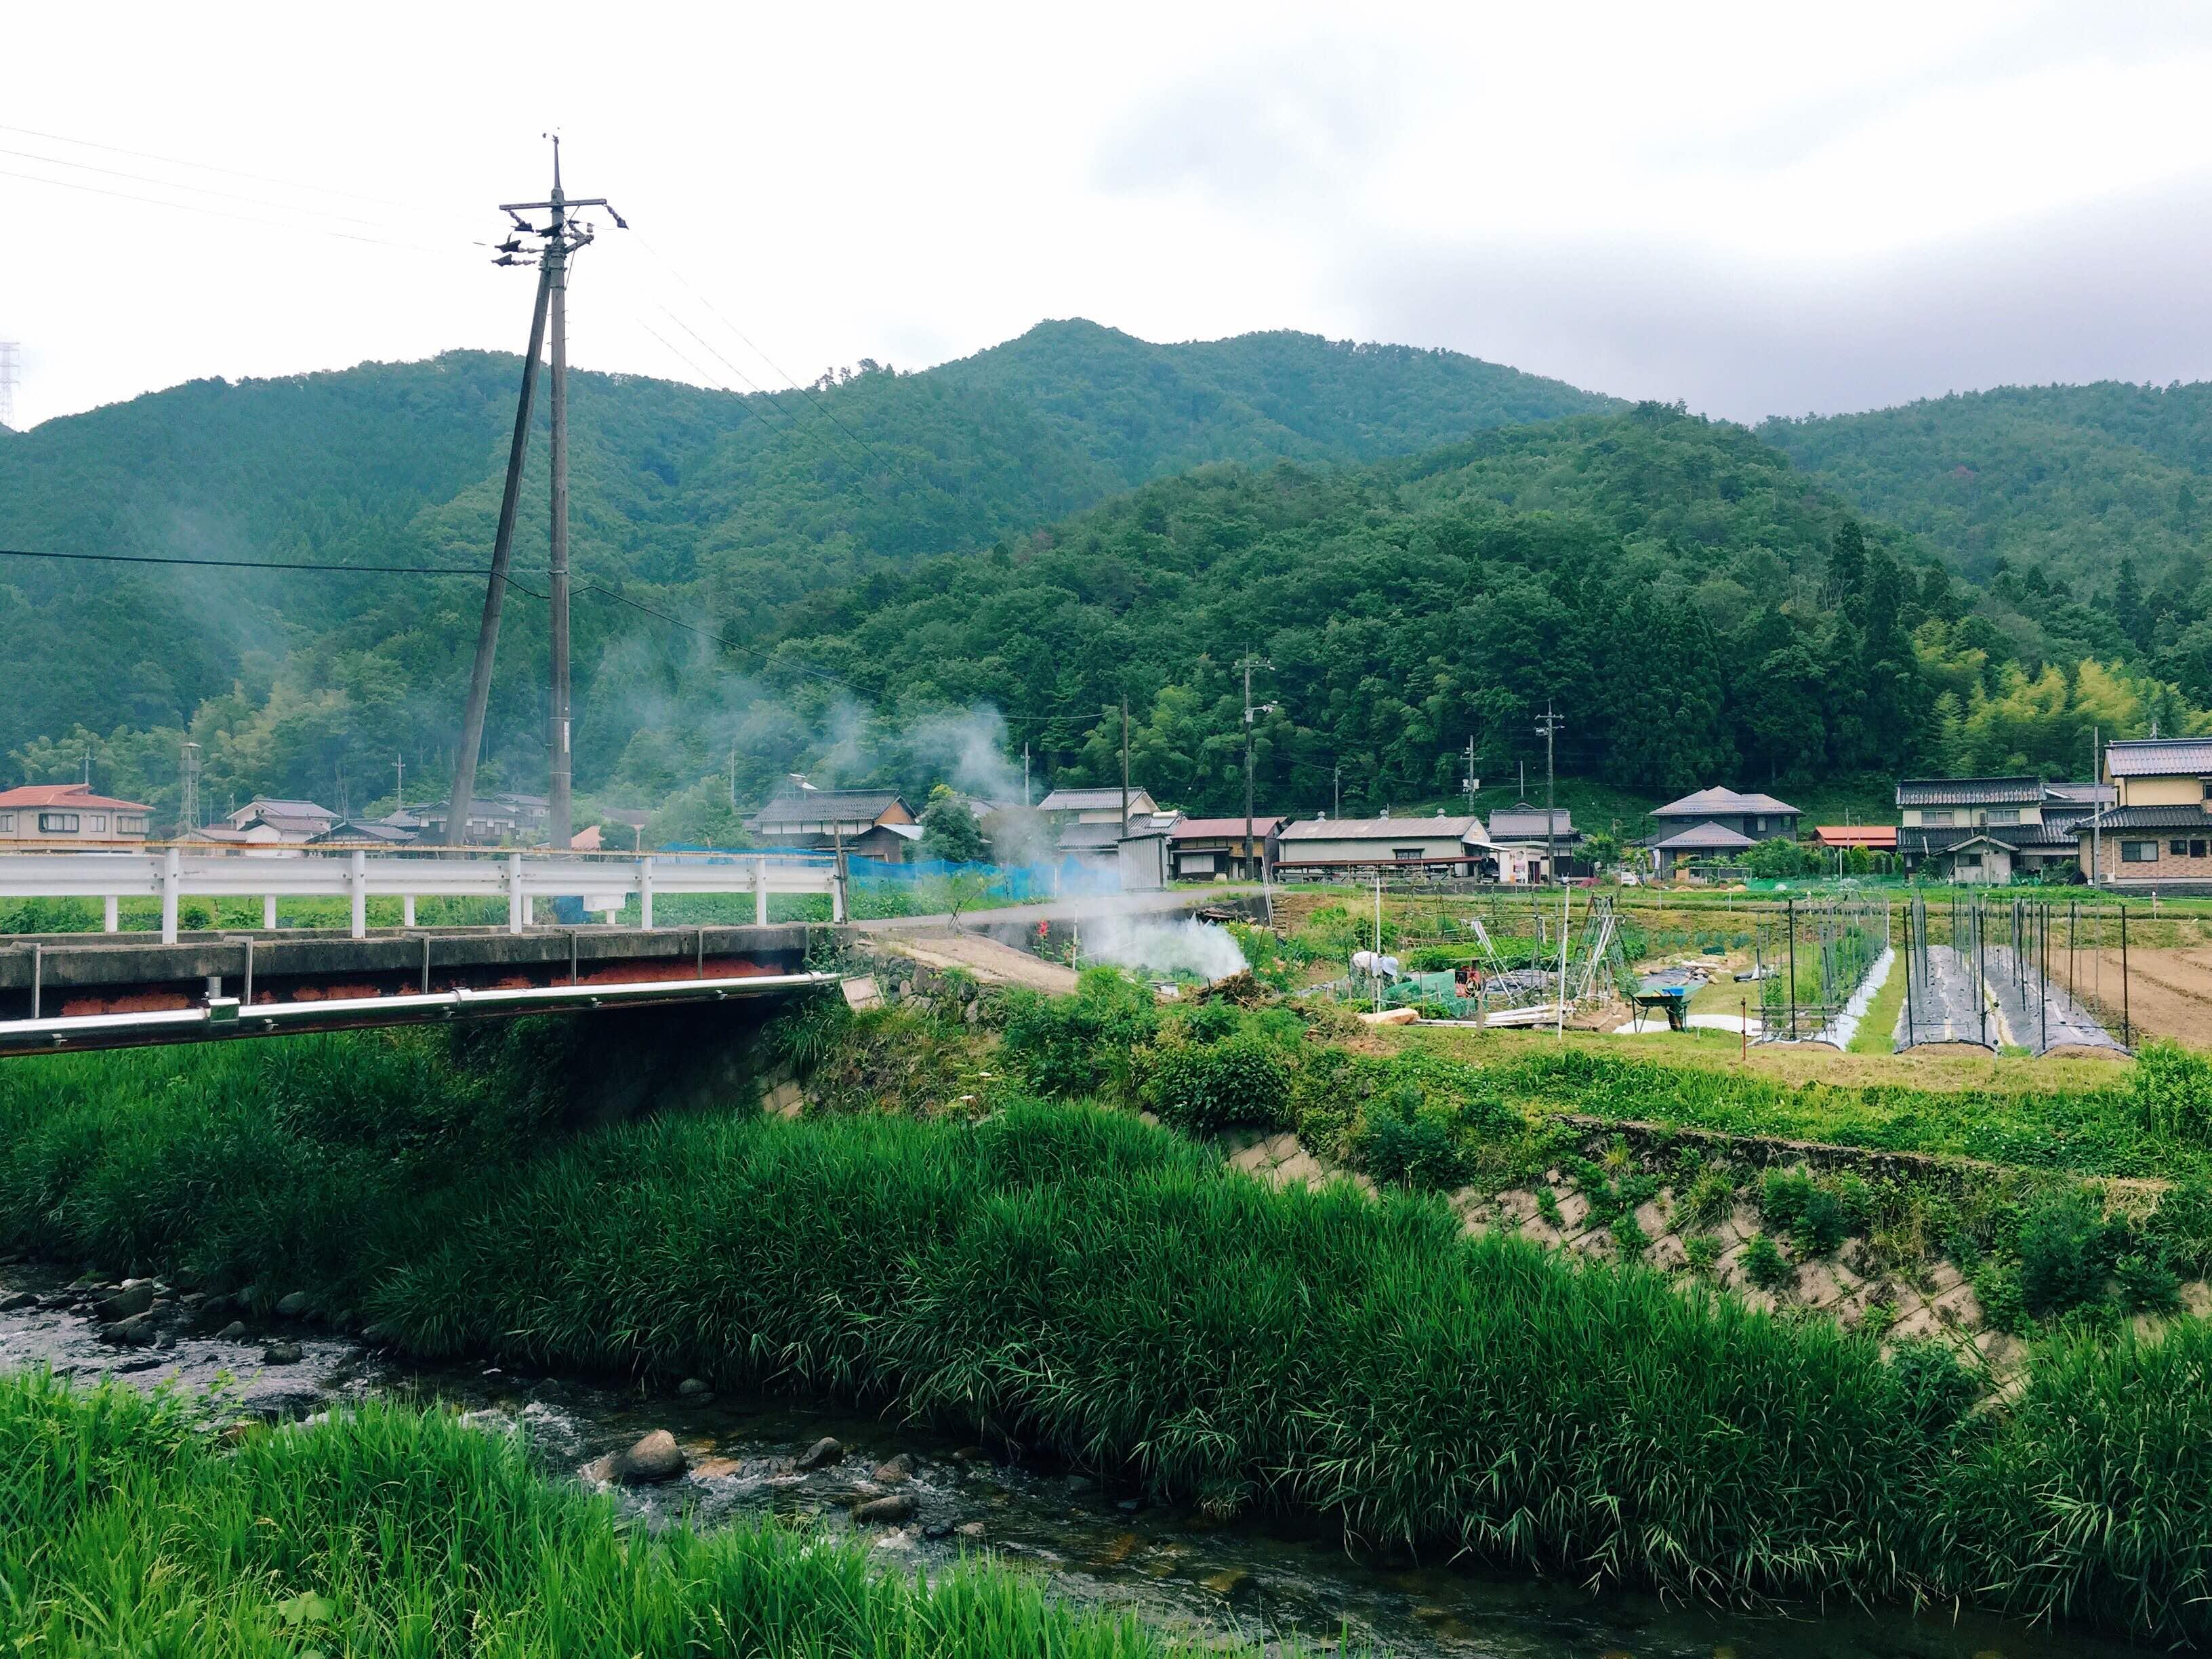 Anisa's hometown